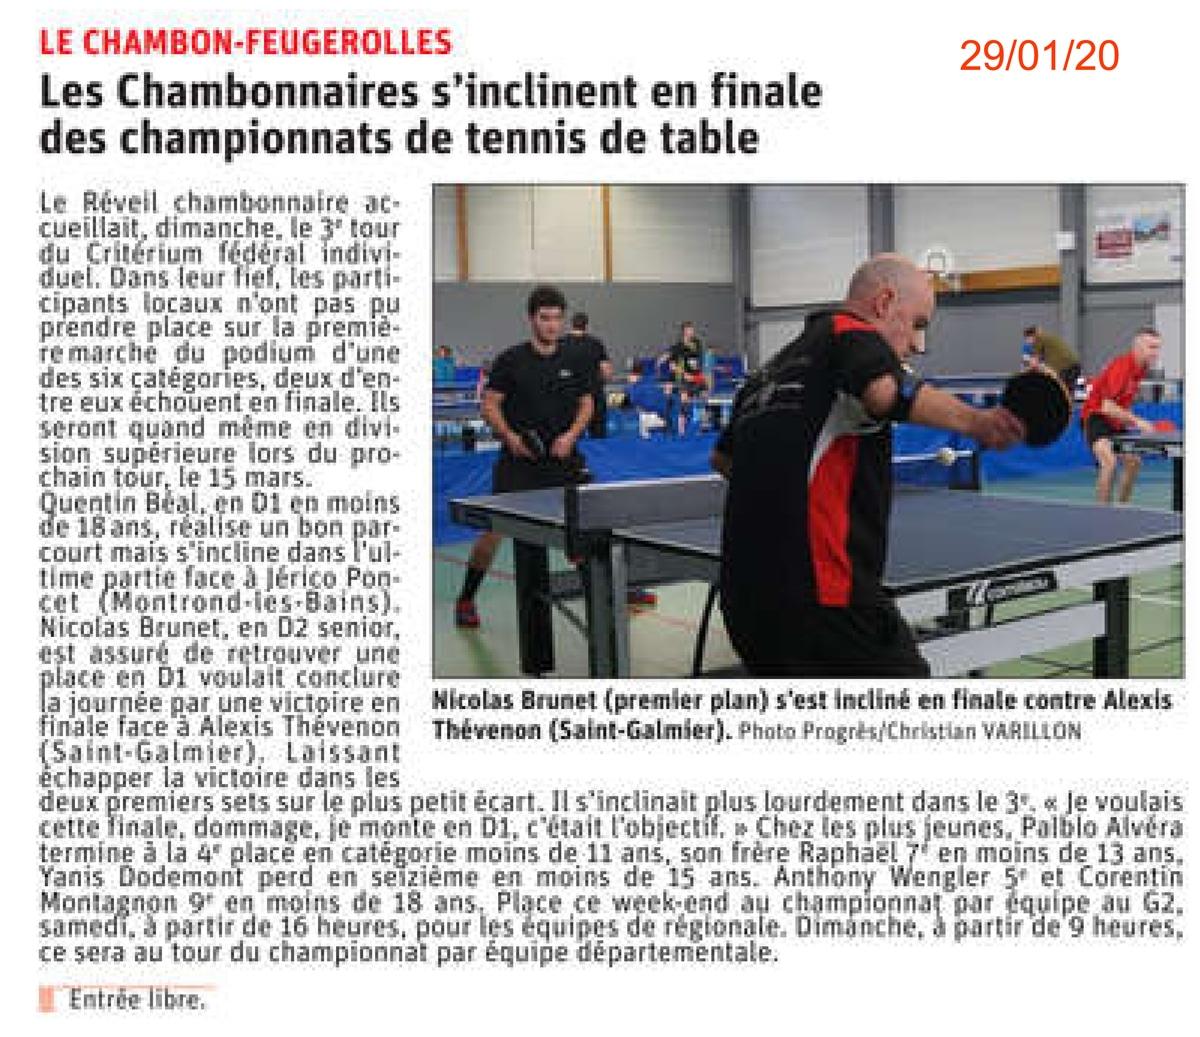 Quentin (-18ans) et Nicolas (D2 senior) s'inclinent en finale